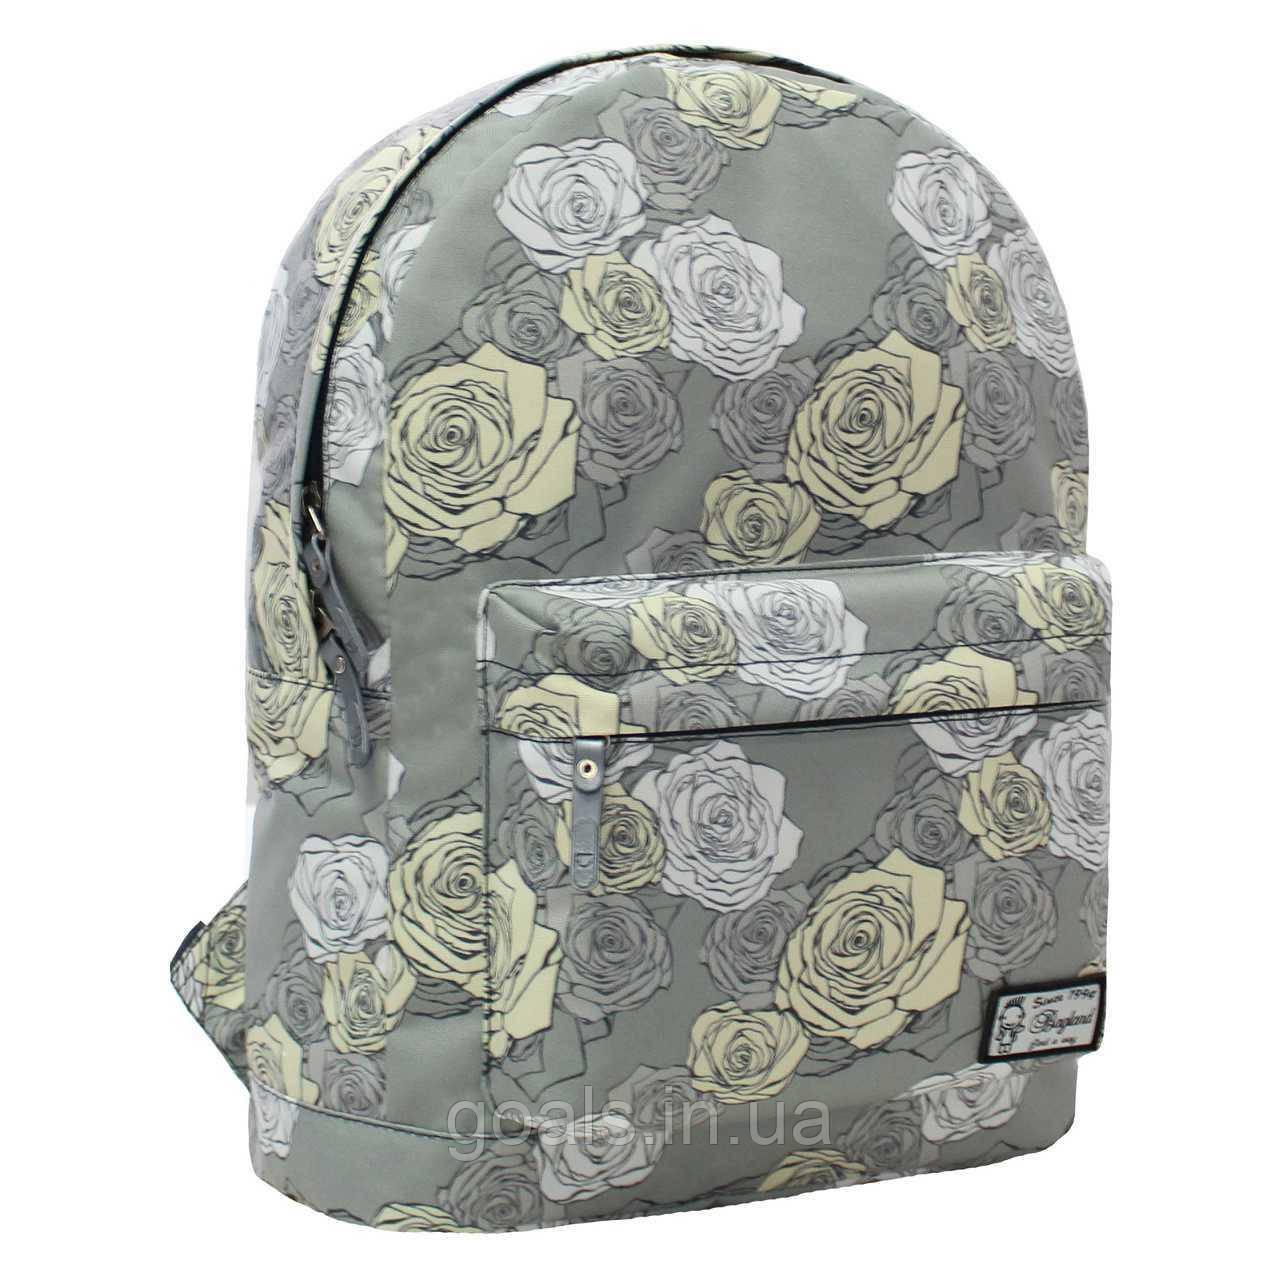 Рюкзак Bagland Молодежный (дизайн) 17 л. сублімація 80 (00533664)